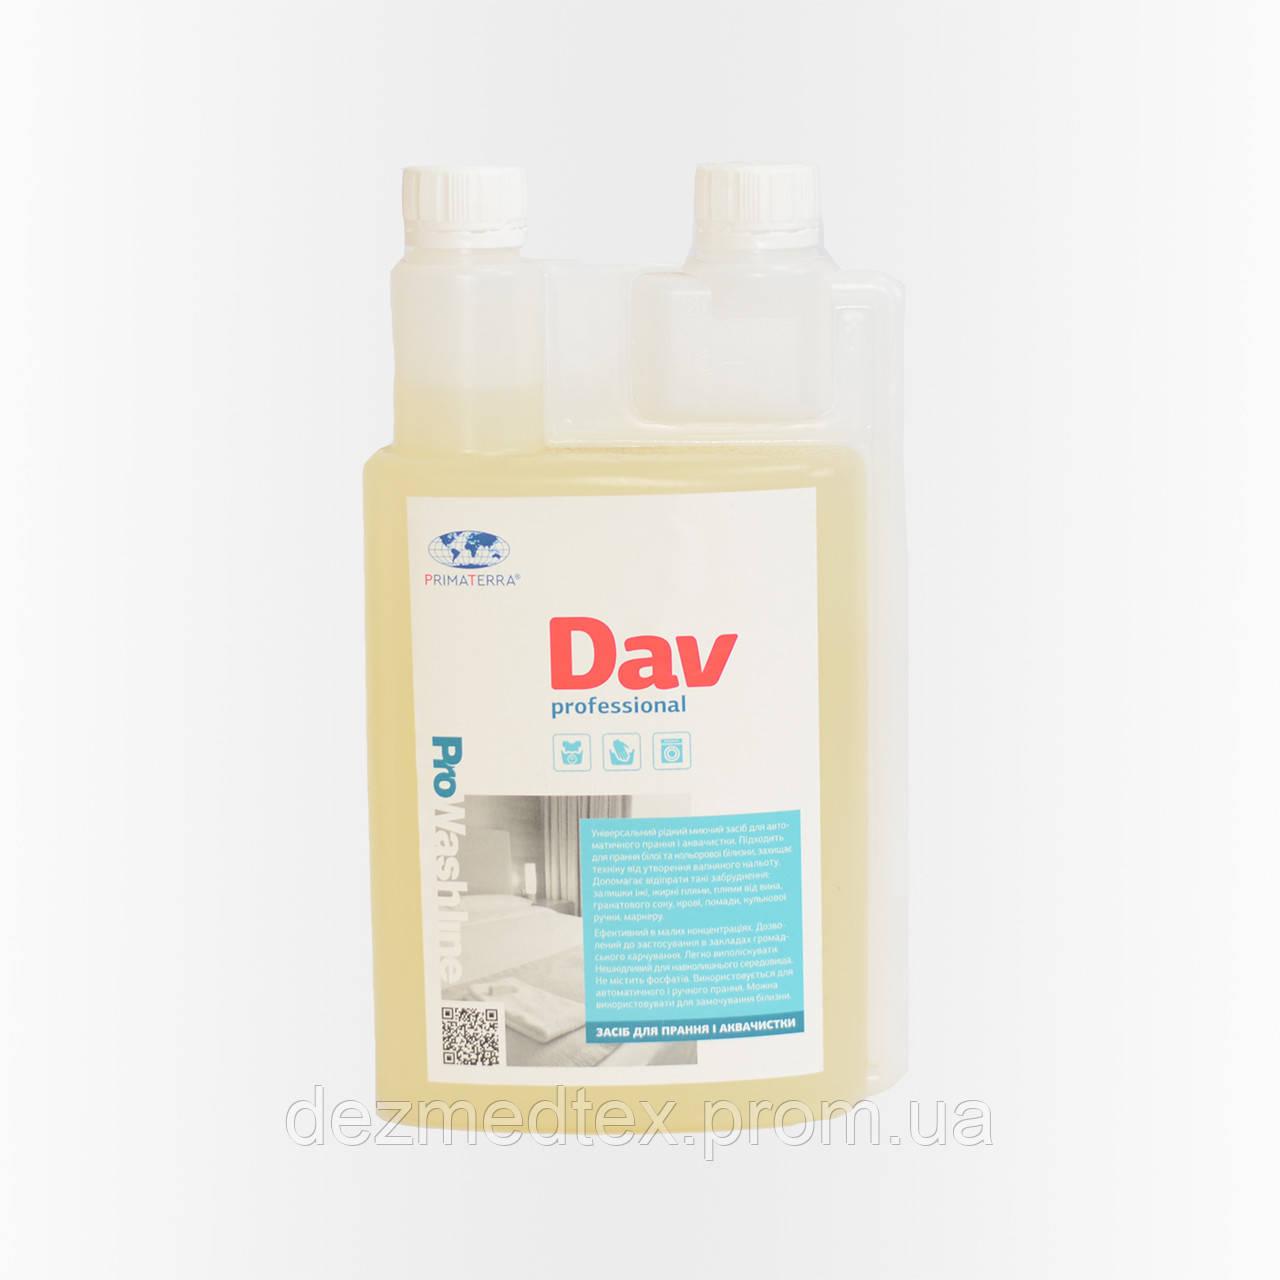 Жидкий порошок для стирки, PRIMATERRA DAV professional (1кг)